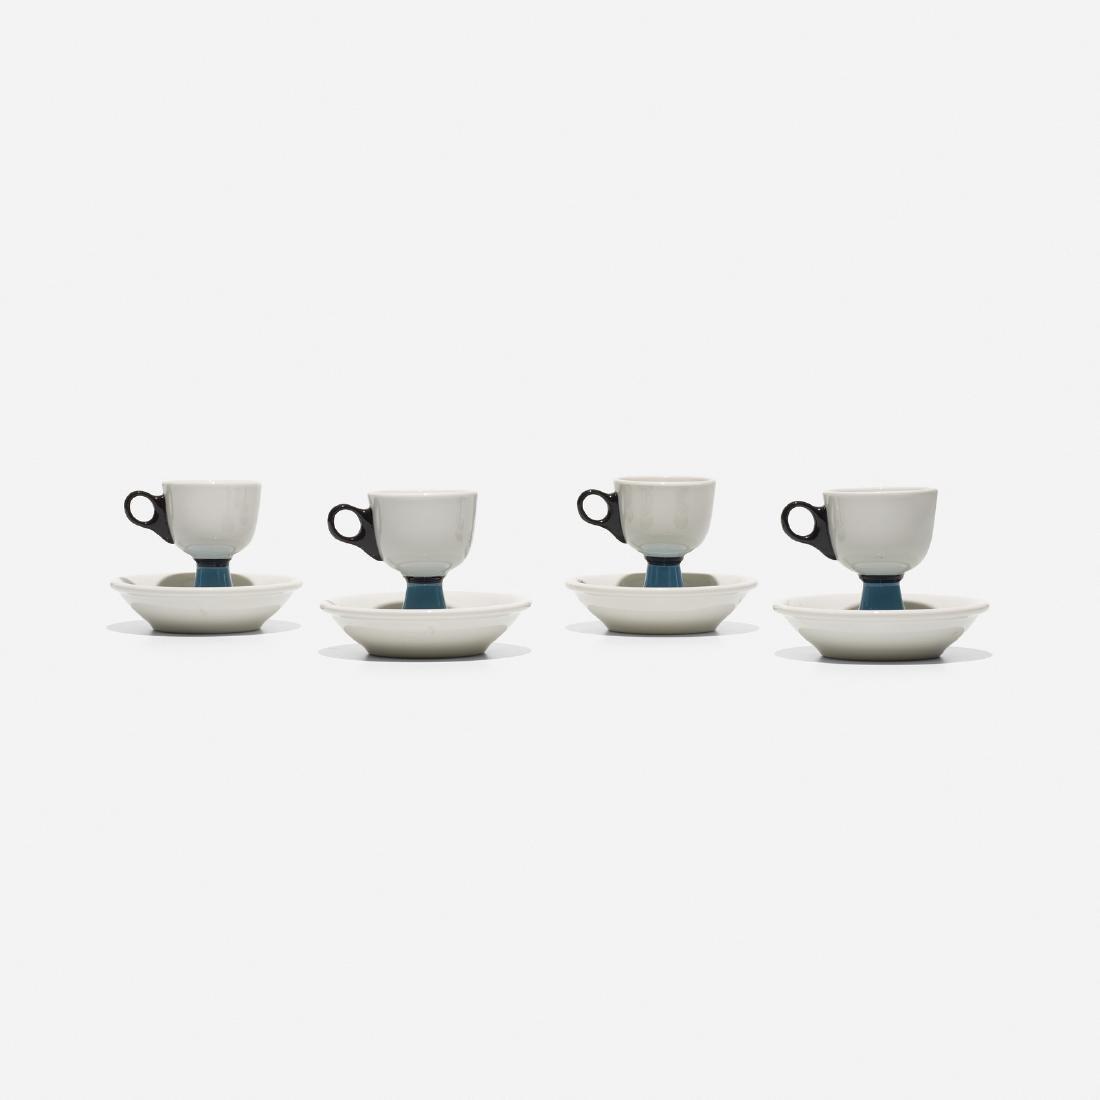 Girard, 4 cups and saucers, La Fonda del Sol - 2